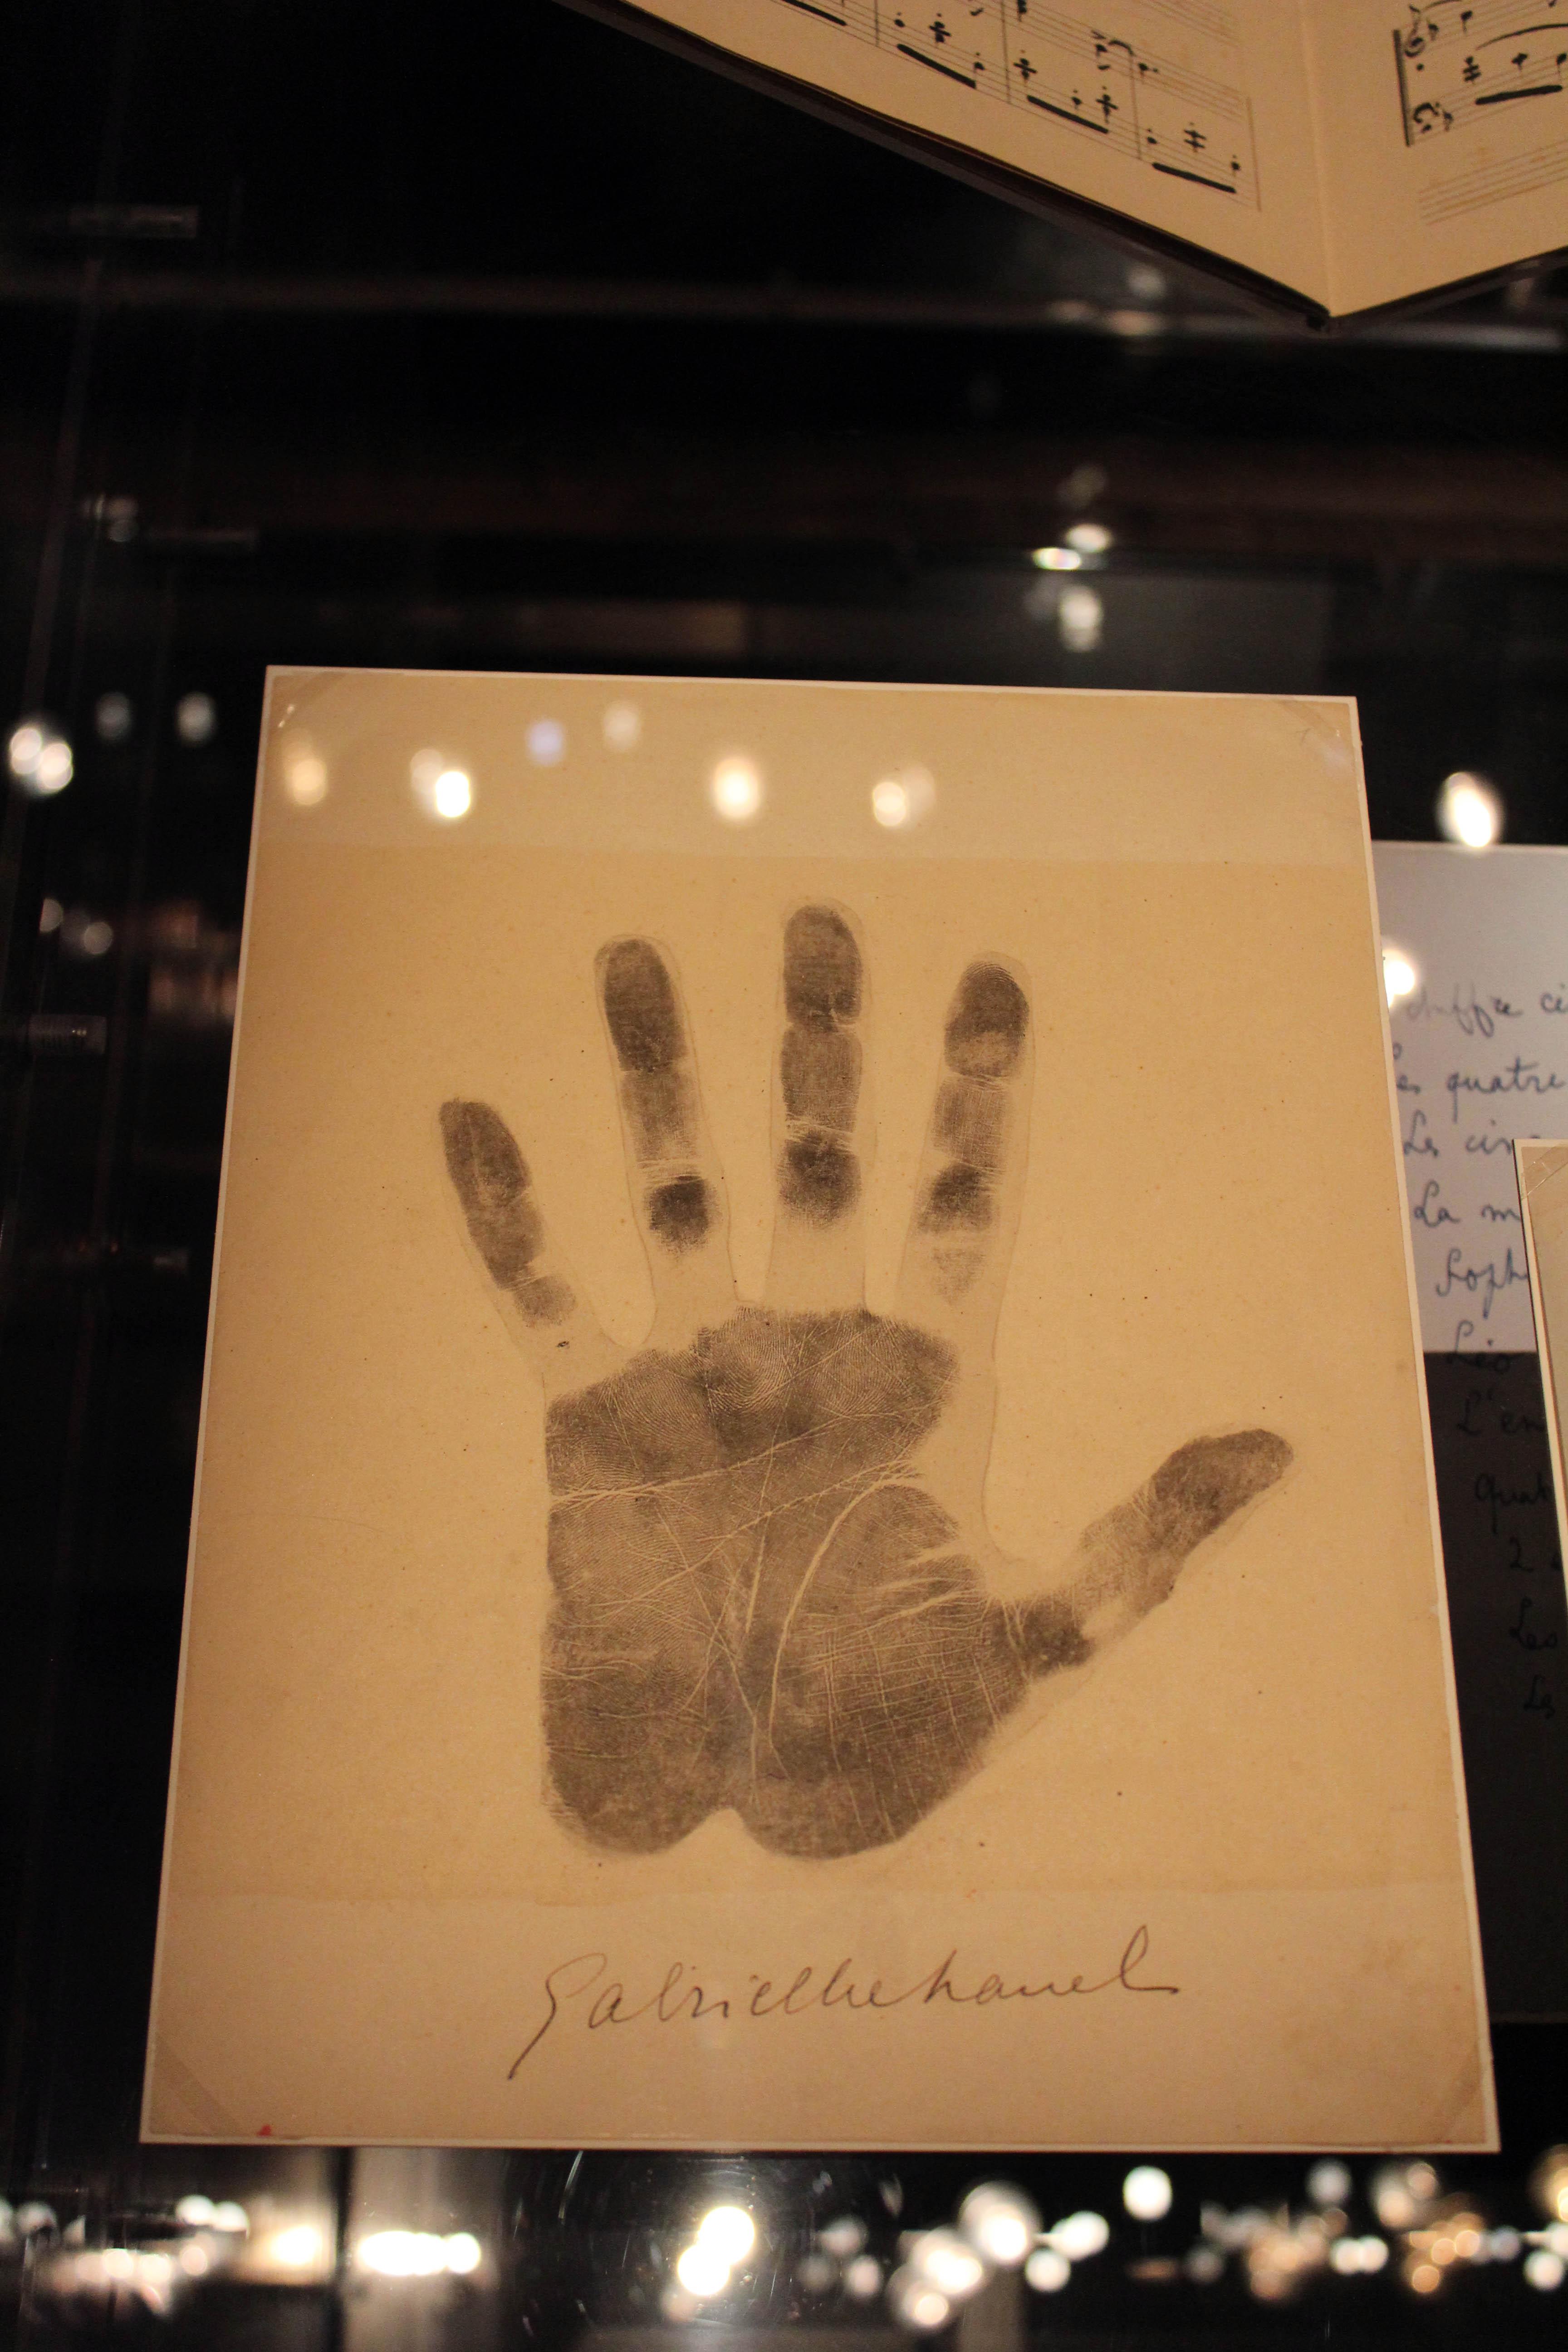 Impronta della mano snistra di Gabrielle Chanel firmata con inchiostro nero, 1939.